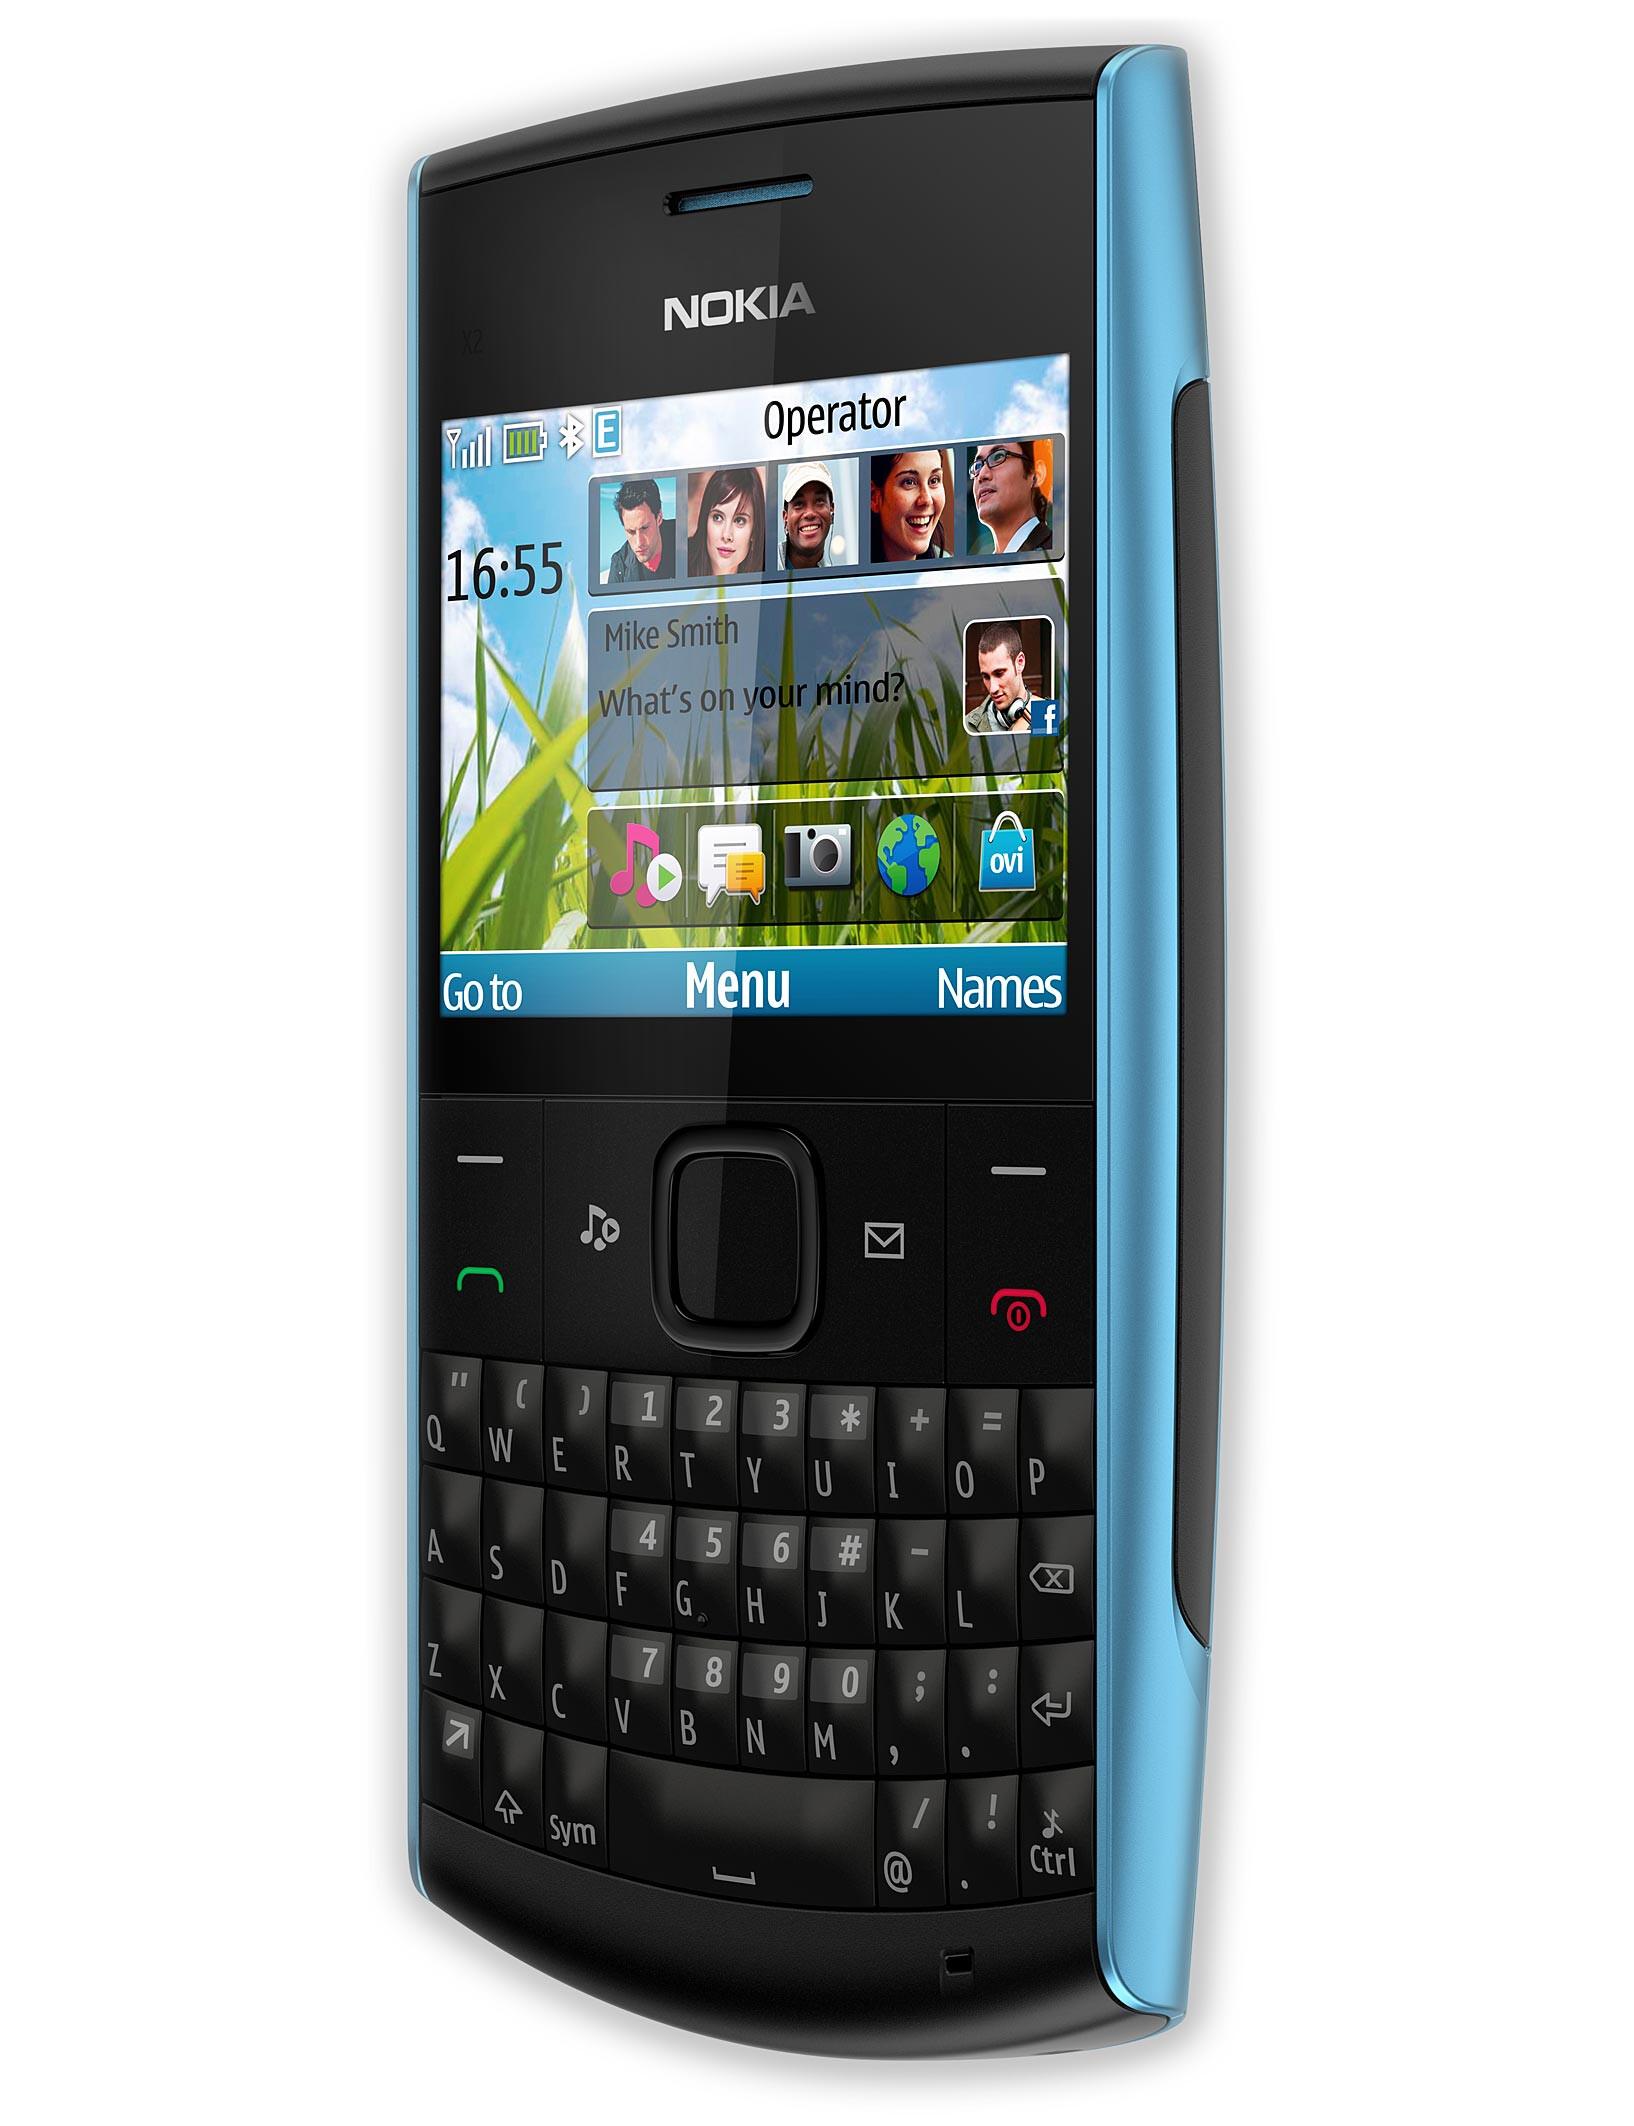 Nokia X Series Phones - Viewing Gallery